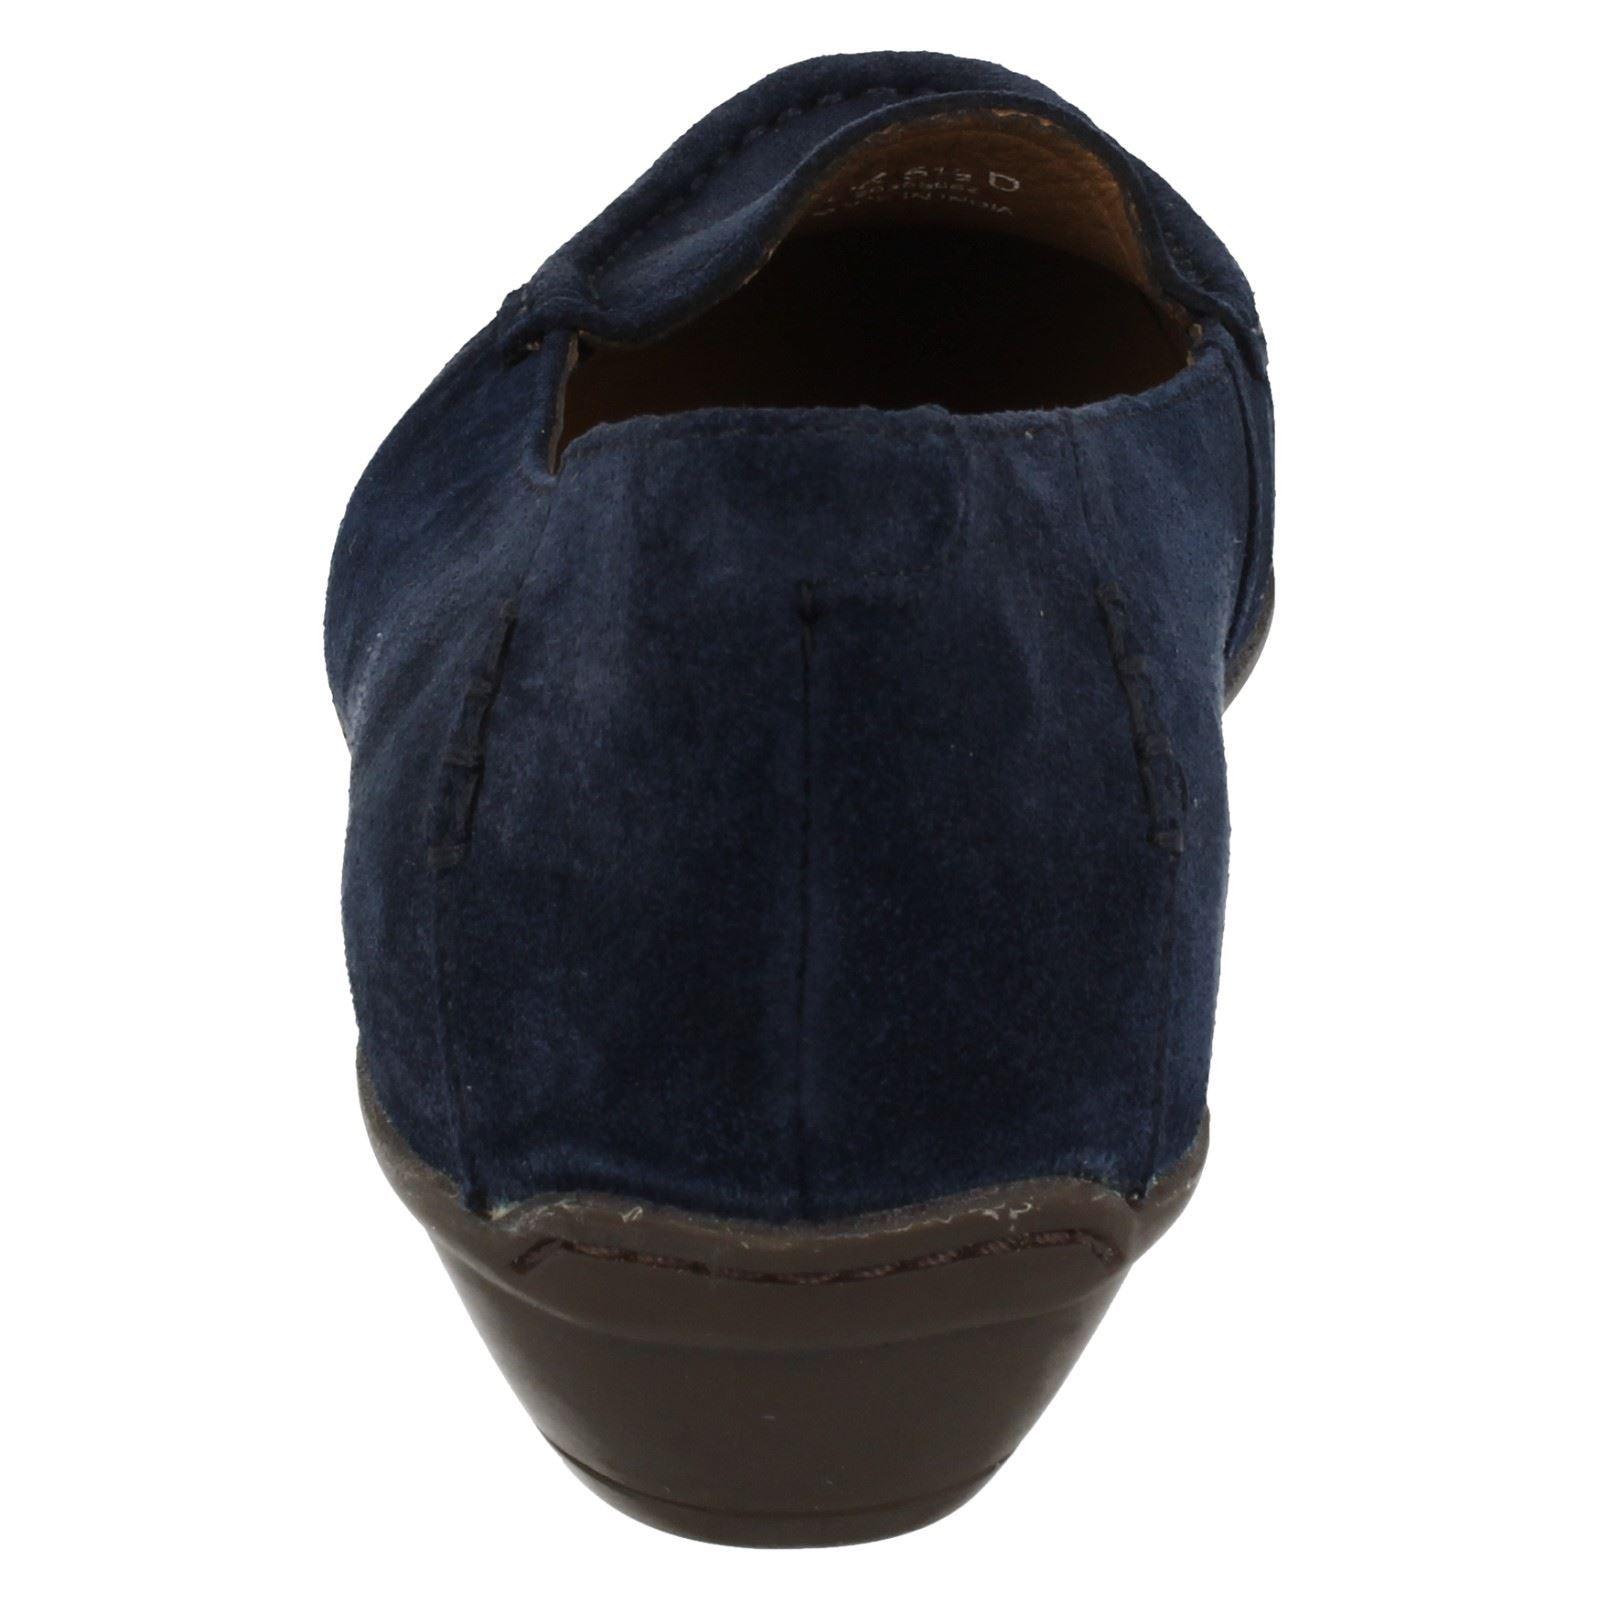 baf12972209 Ladies Clarks Loafer Heeled Shoes Gilded Opal Navy UK 6 D